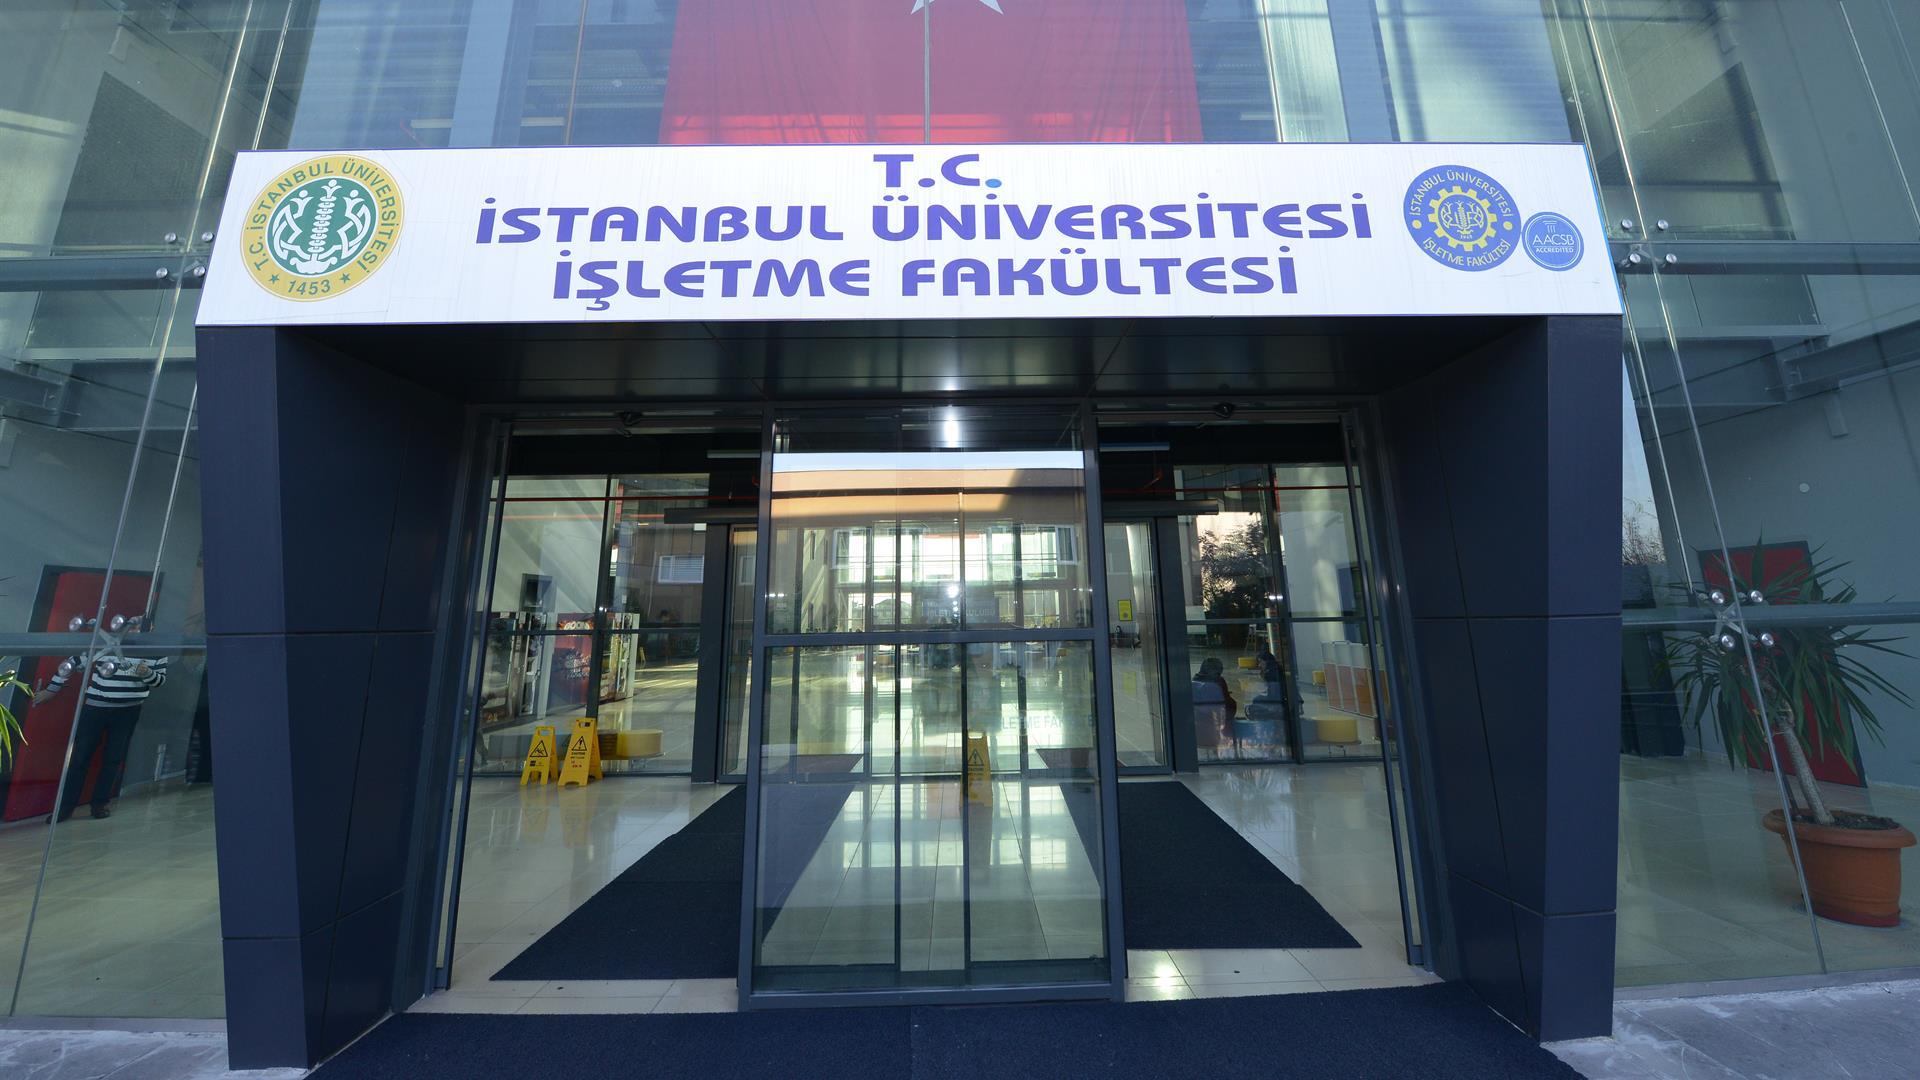 İÜ-İşletme-Fakültesi'nin-AACSB-International-Akreditasyonu-Yeniledi